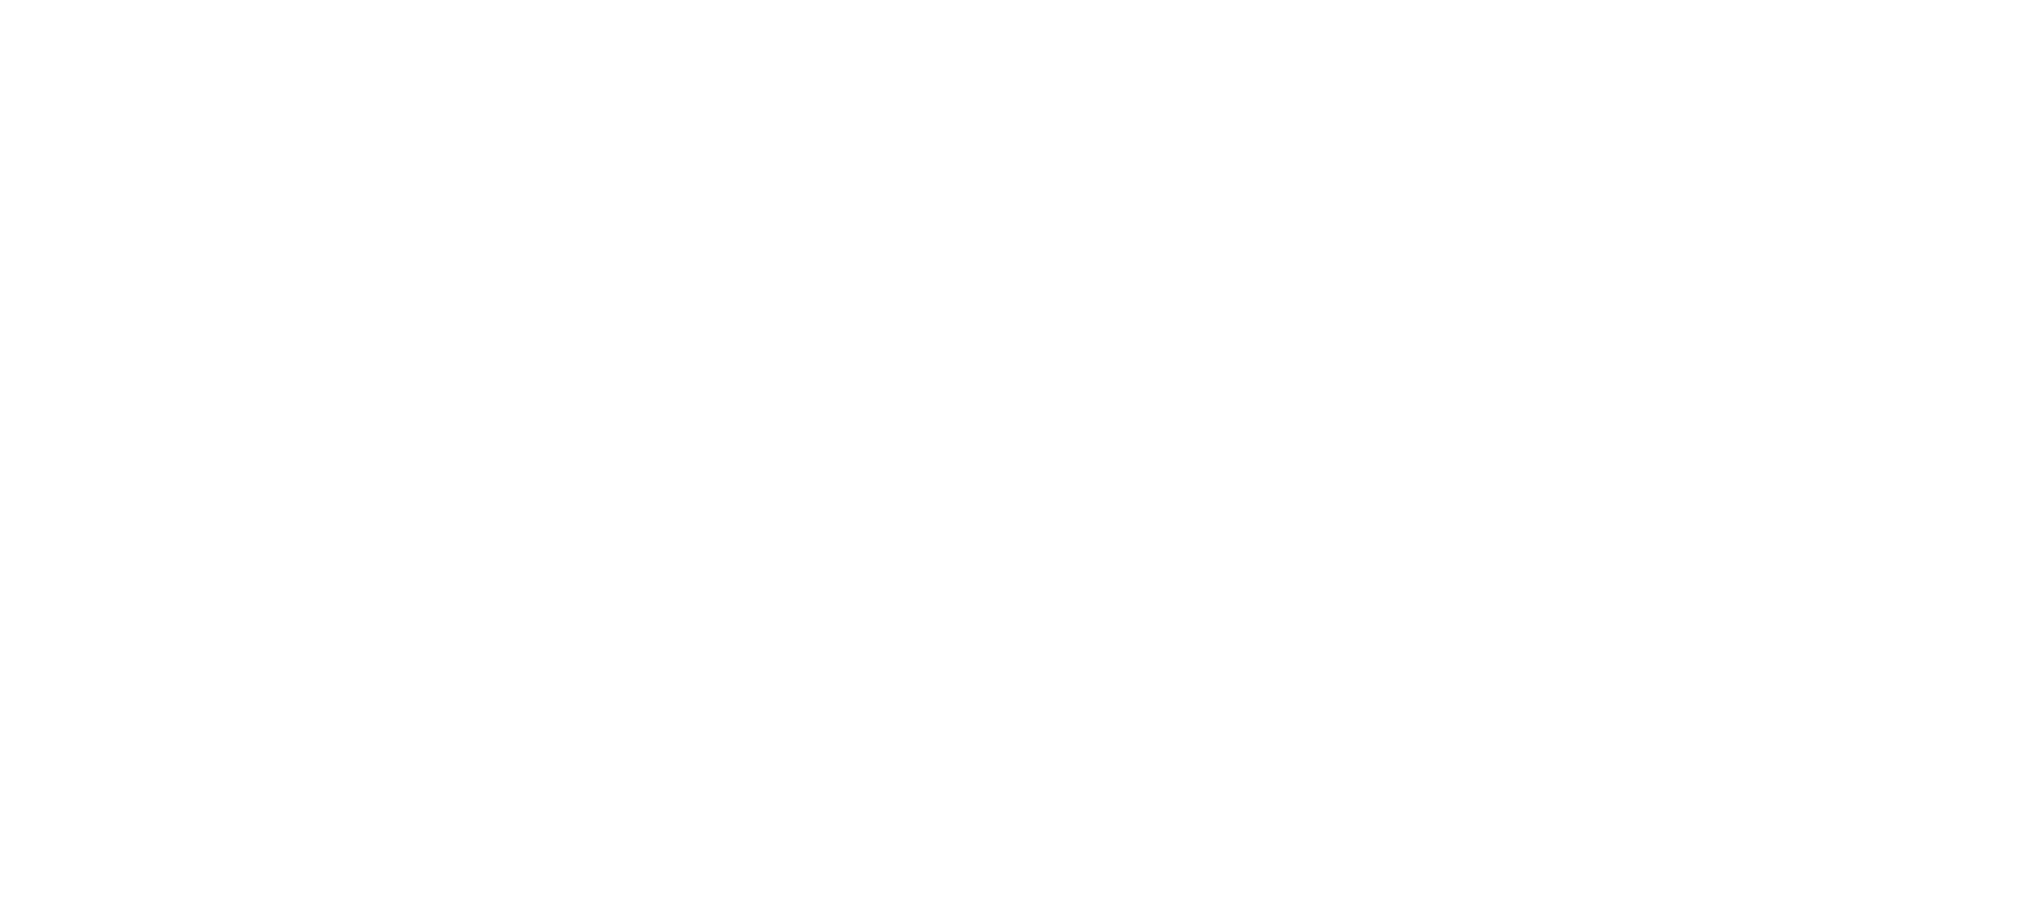 D&M Home Improvements Plainfield